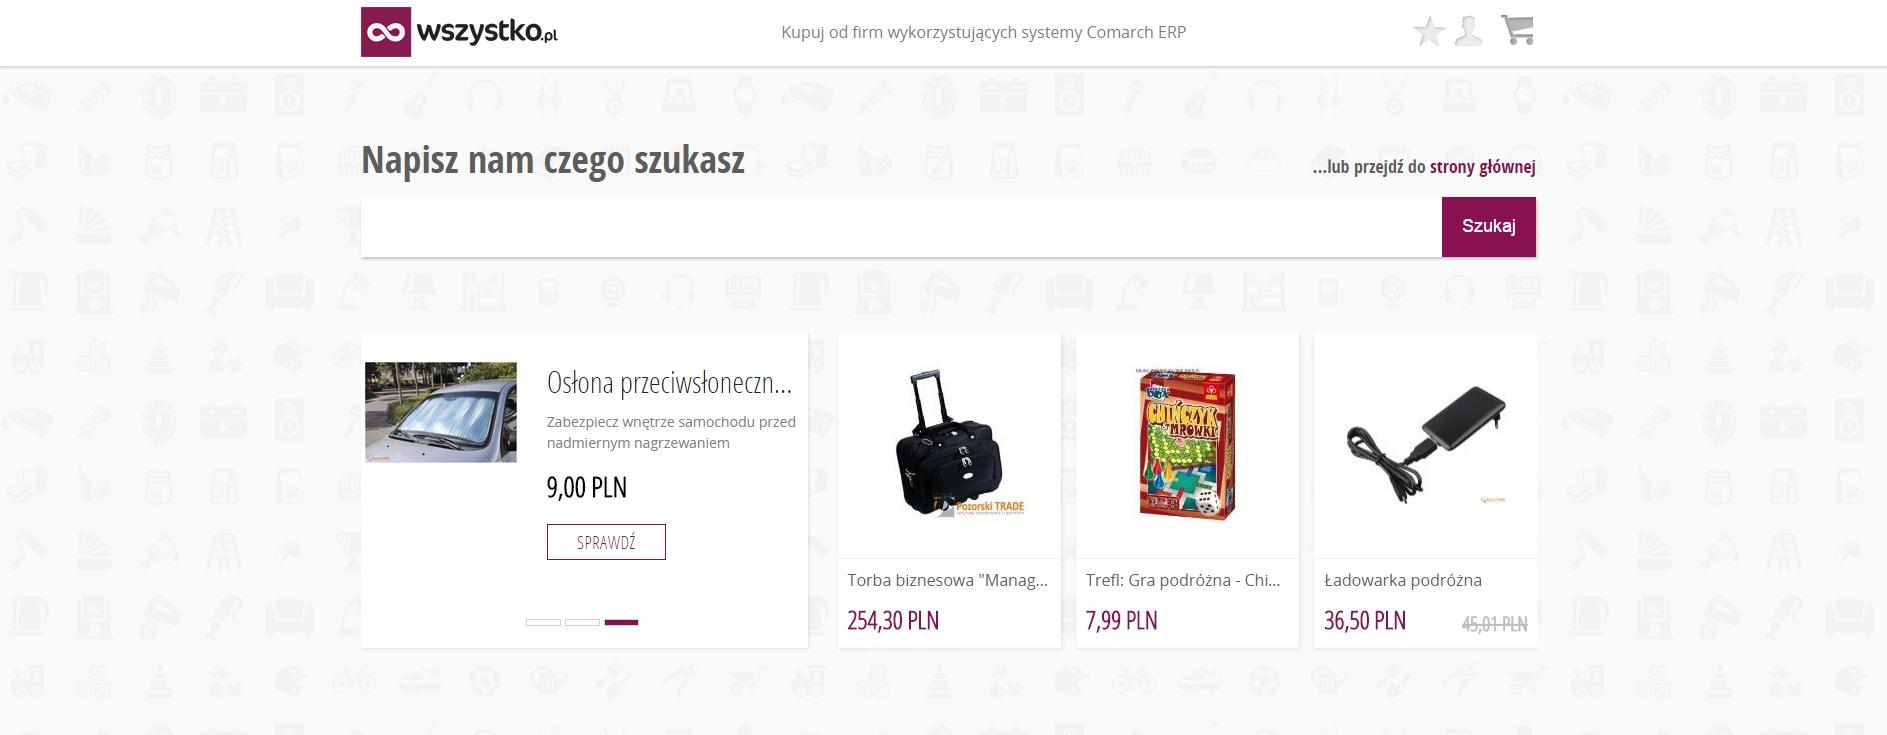 Platforma e-commerce - wszystko.pl